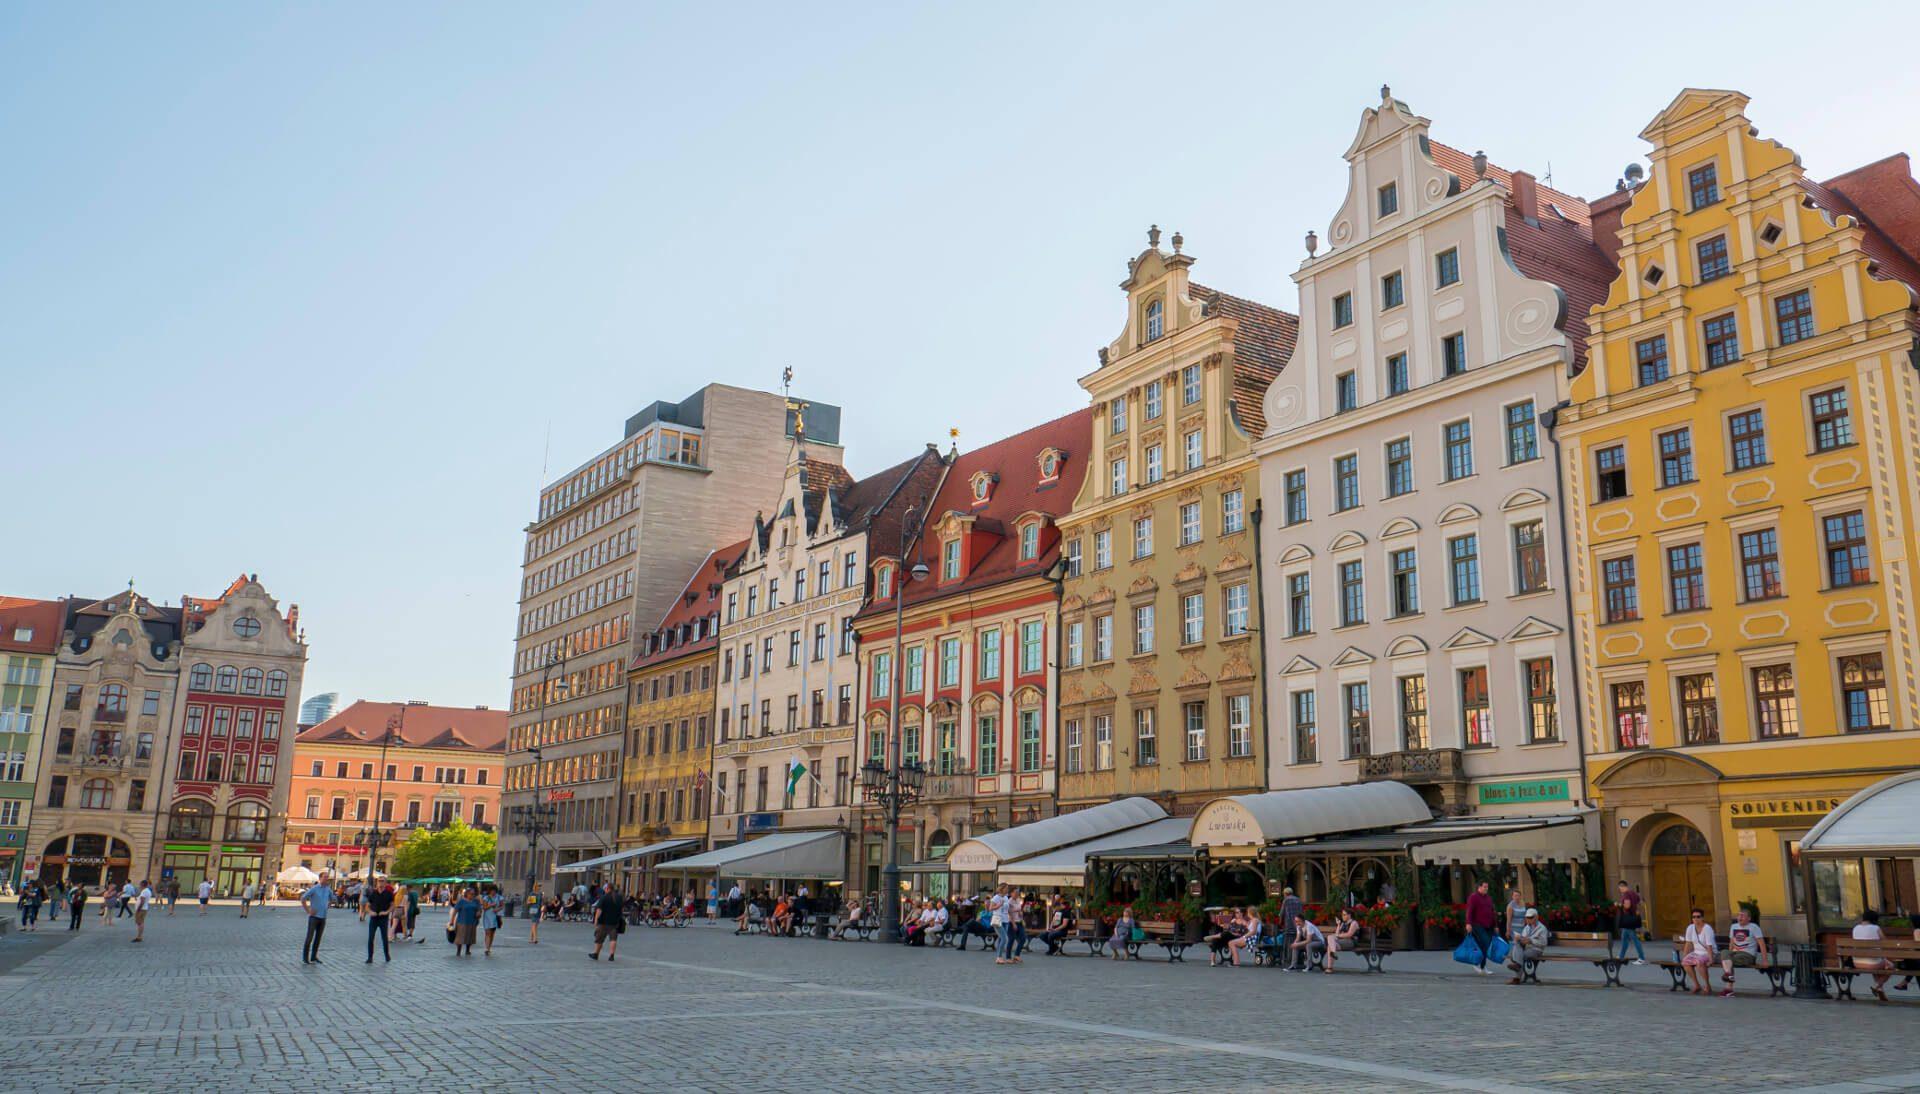 Widok na pierzeję zachodnią i Plac Solny (na drugim planie) wrocławskiego Rynku